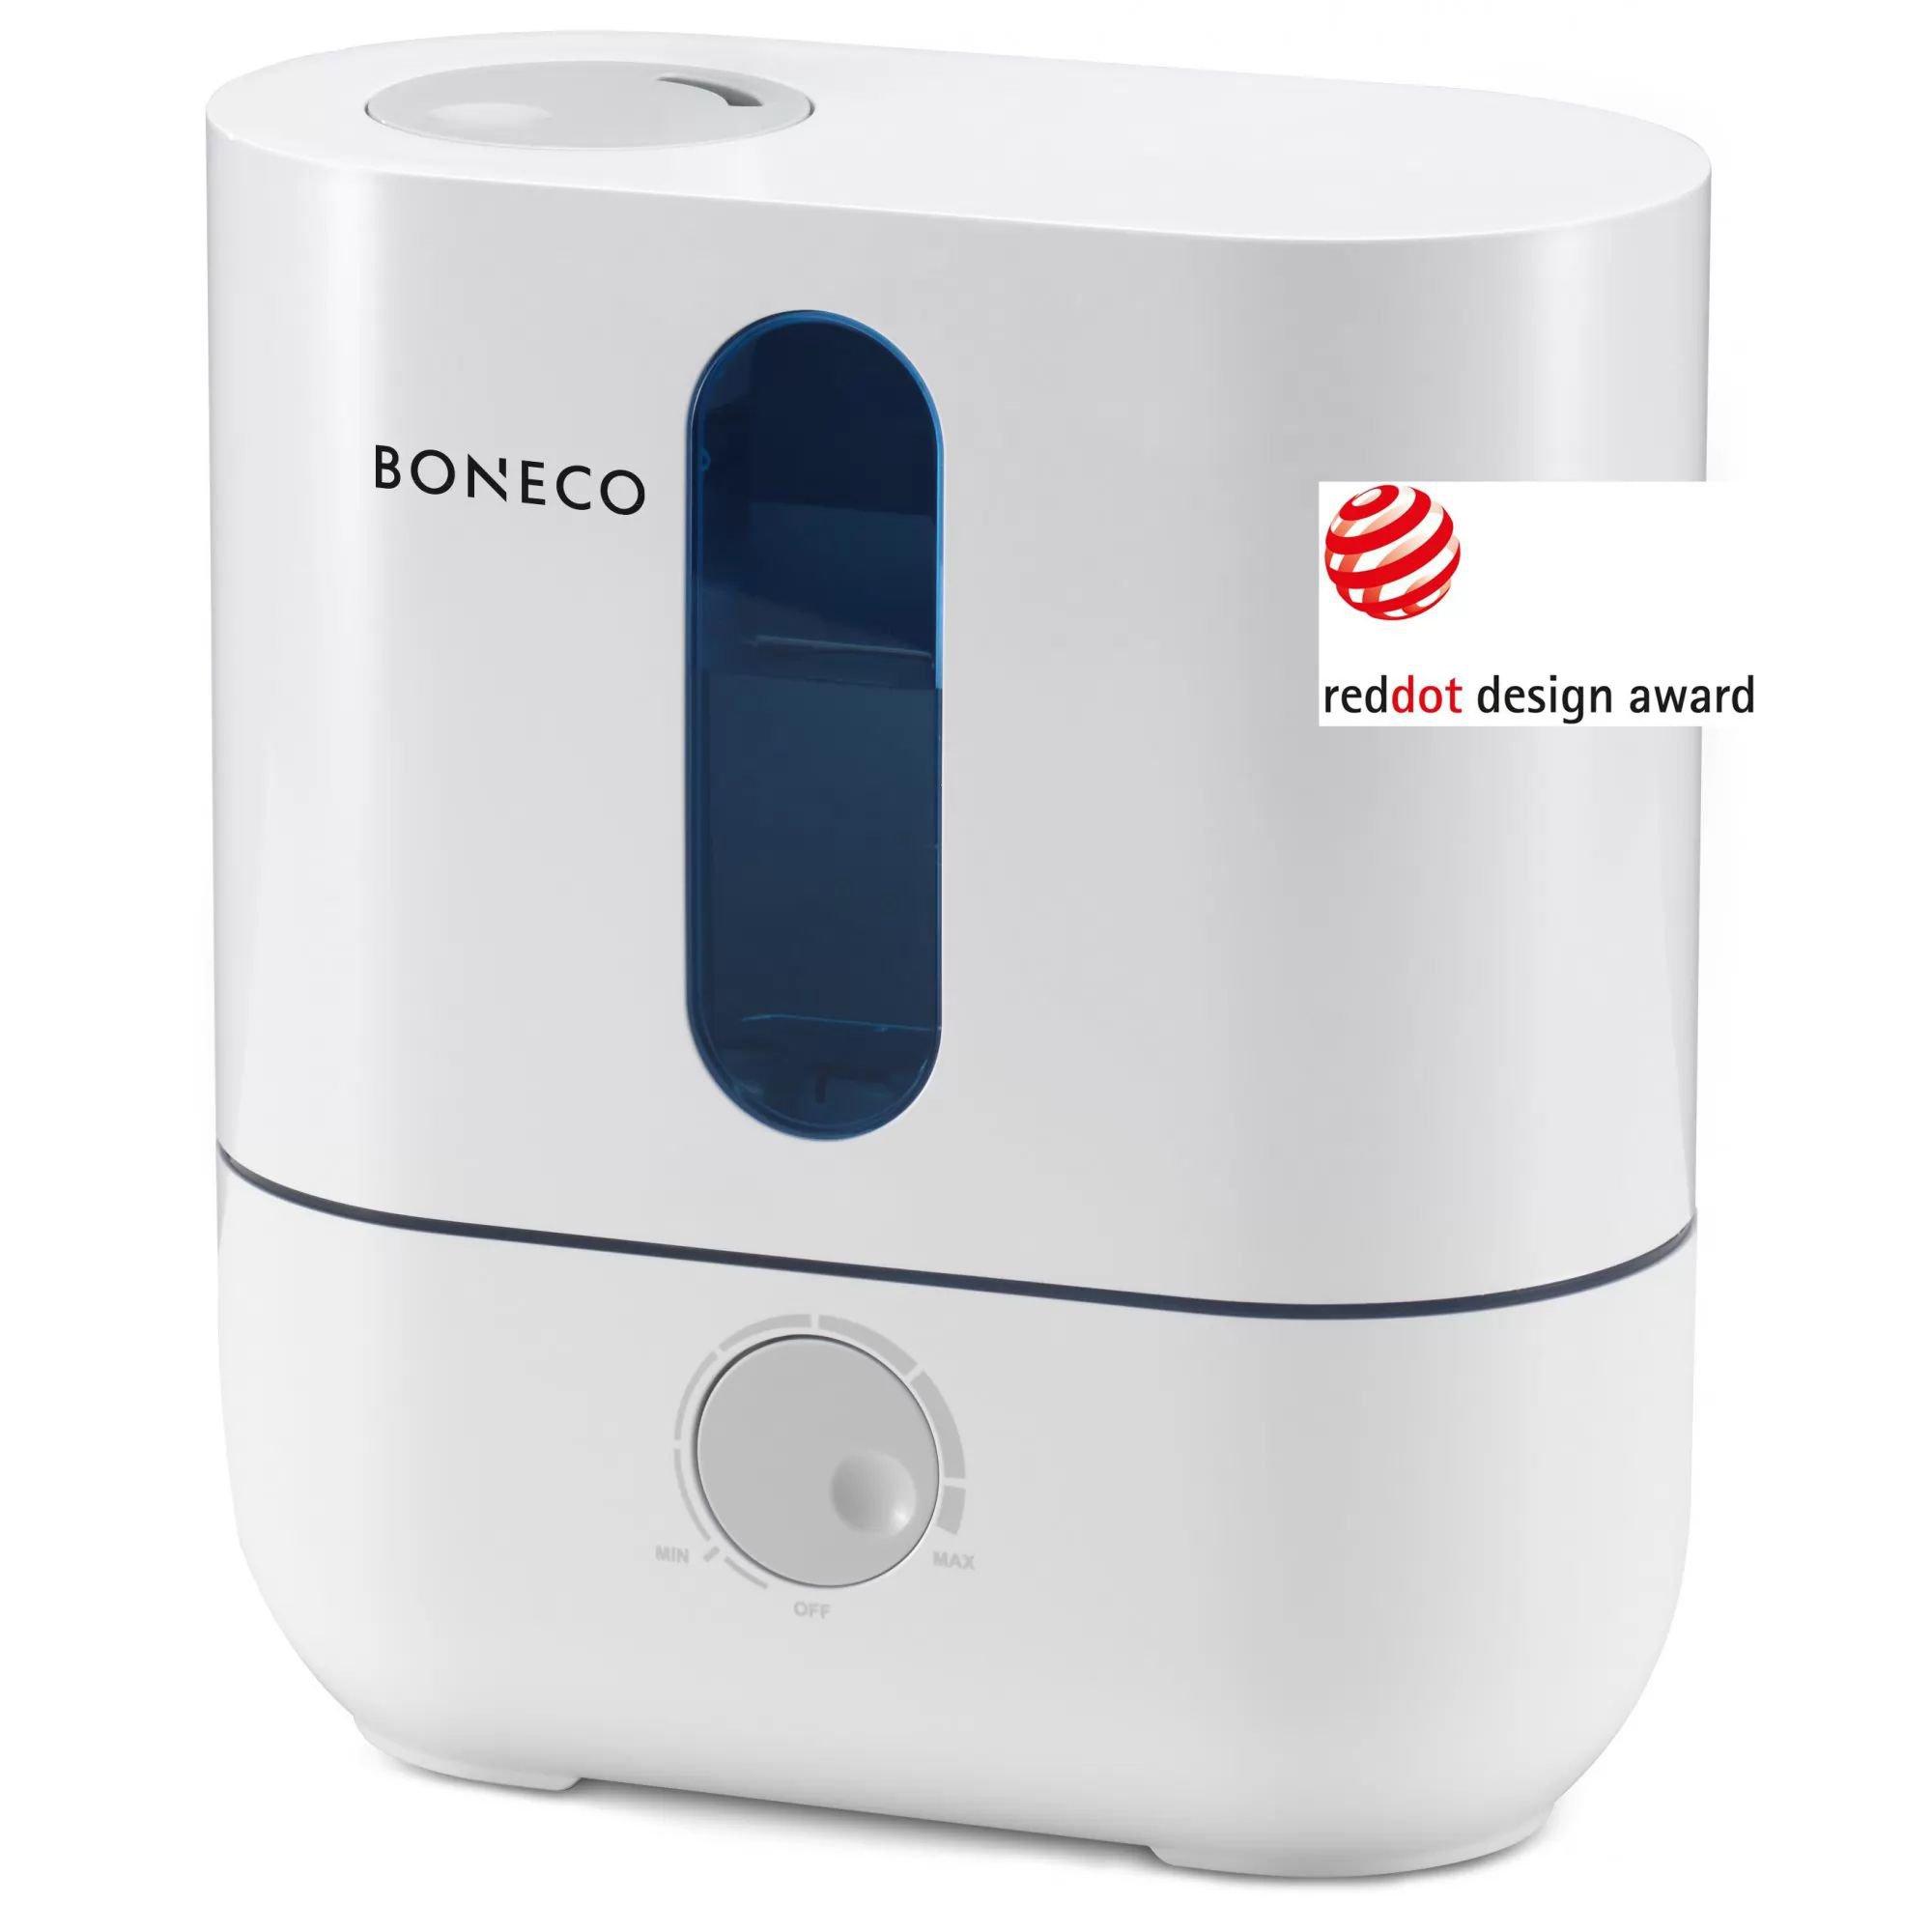 Boneco U200 Ultrasonic Υπερηχων